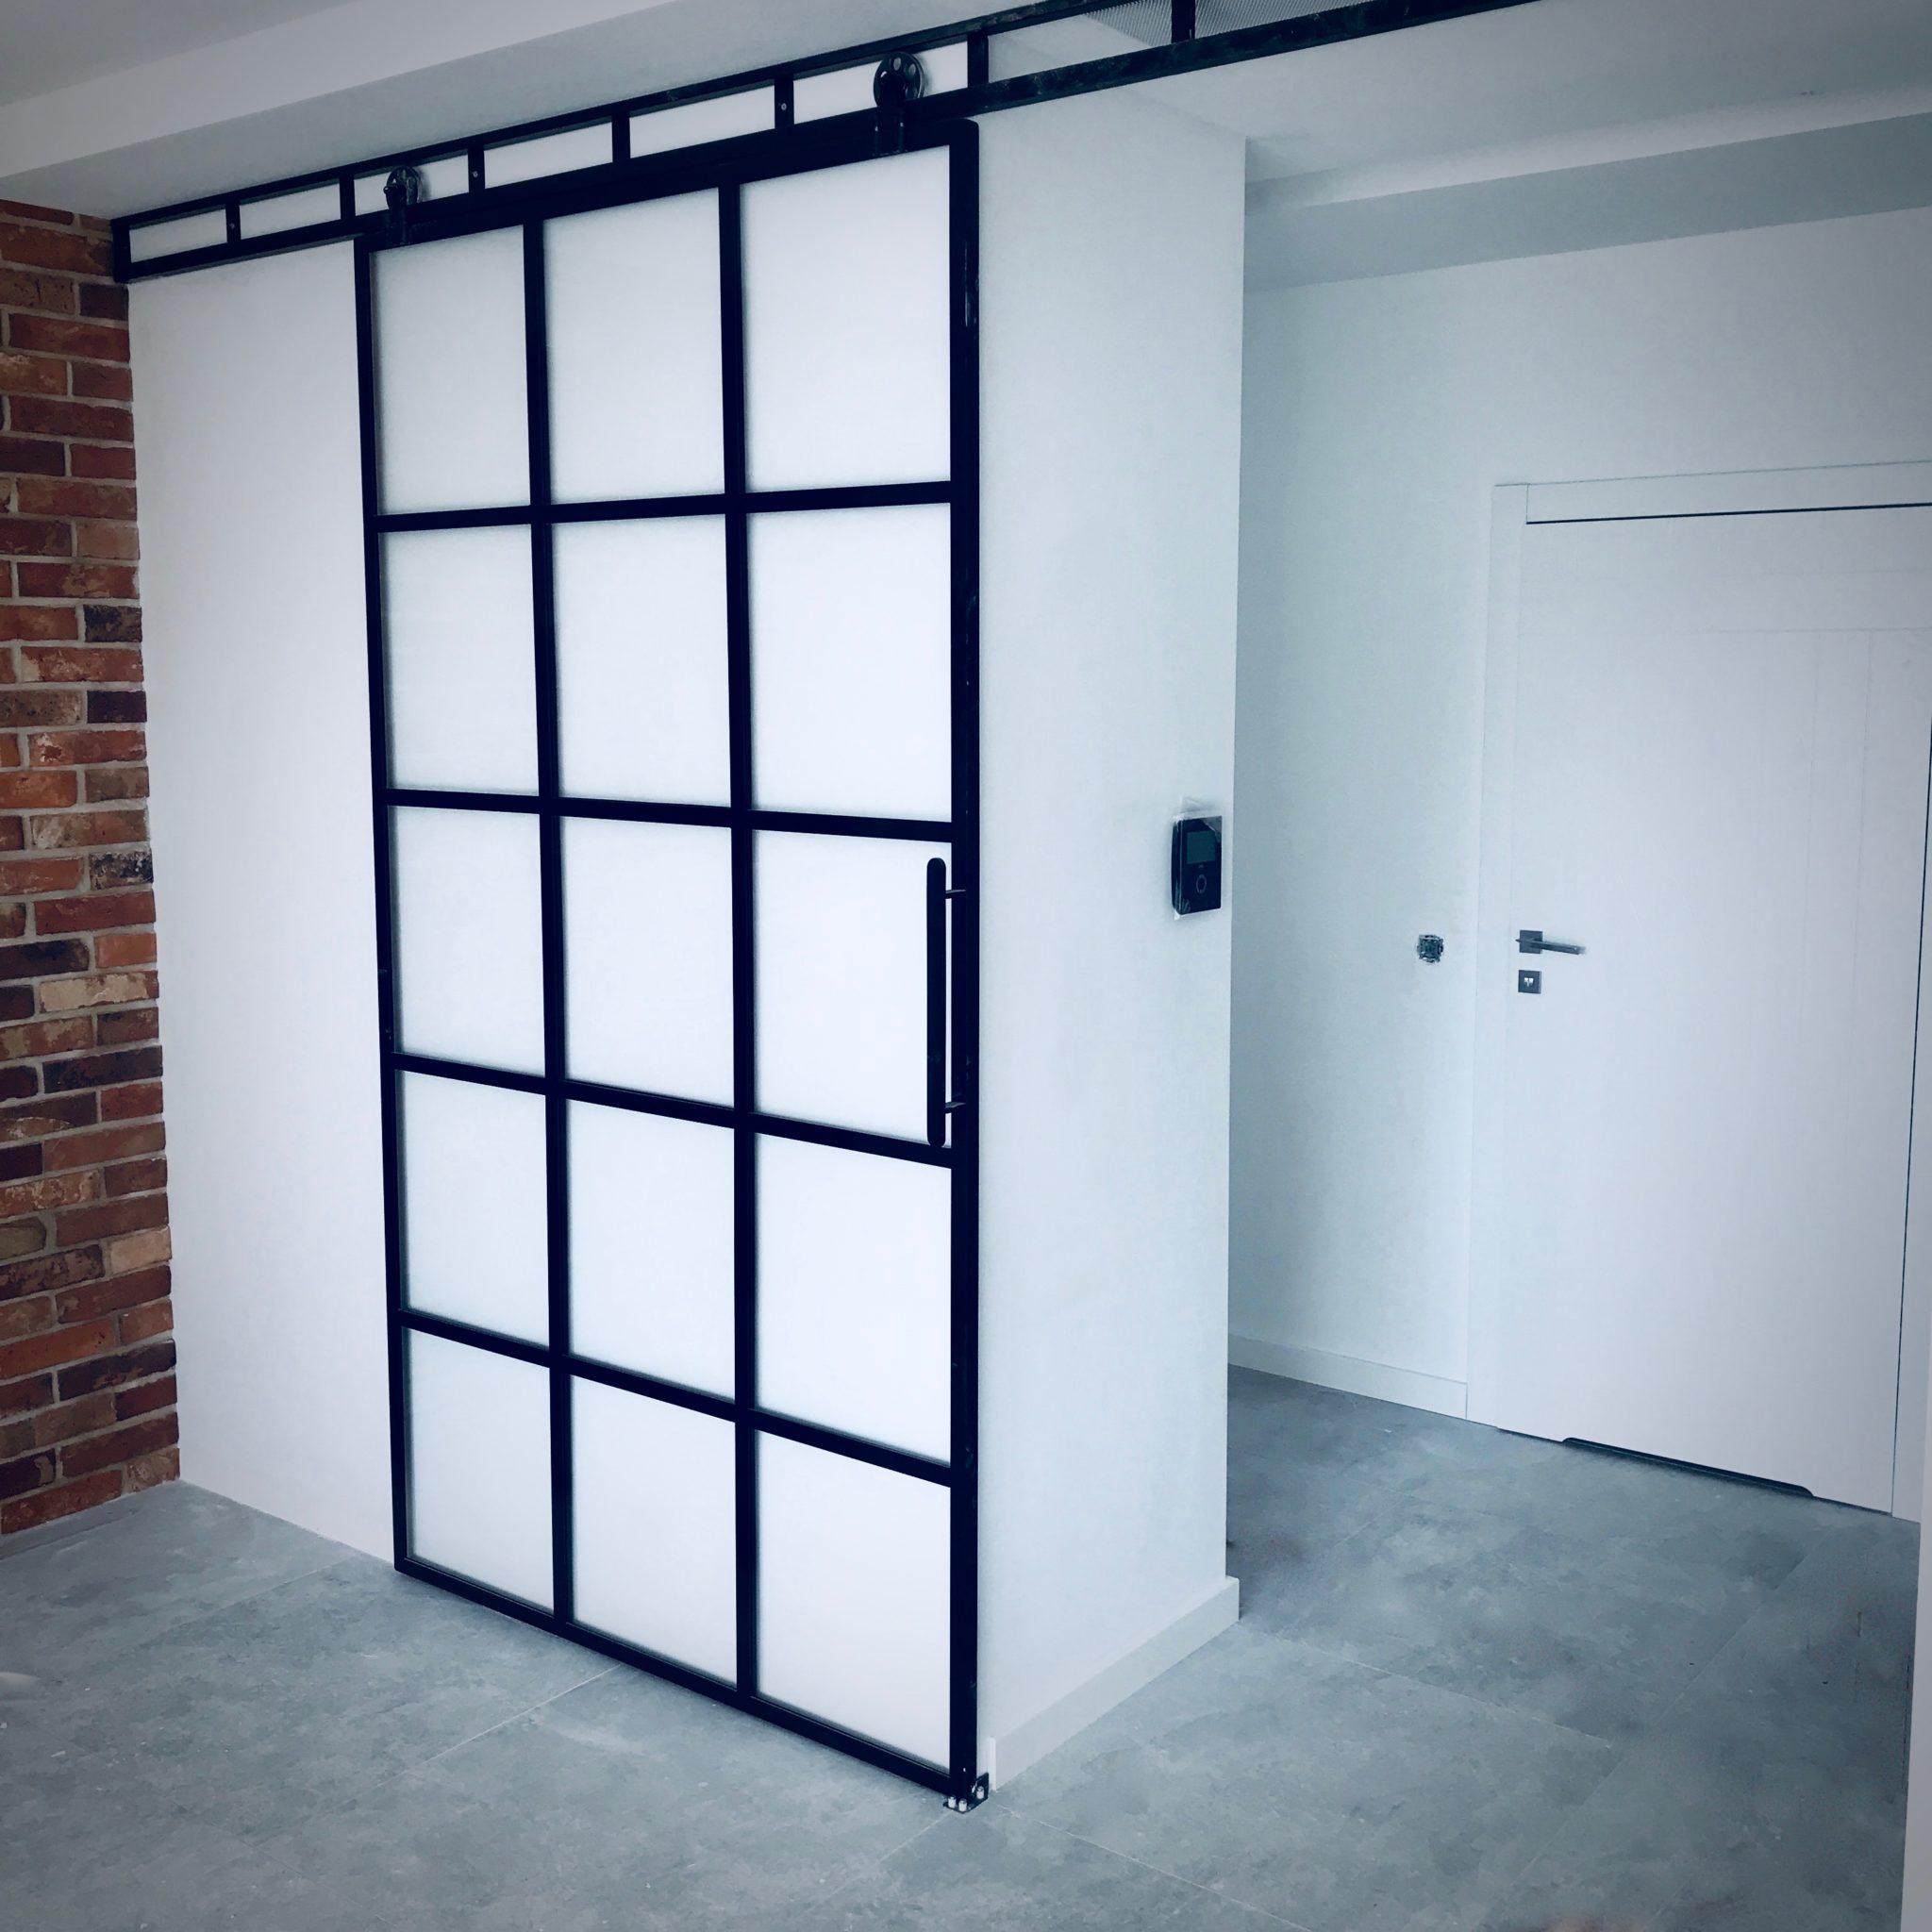 Znalezione obrazy dla zapytania Drzwi i ścianki Icon Loft